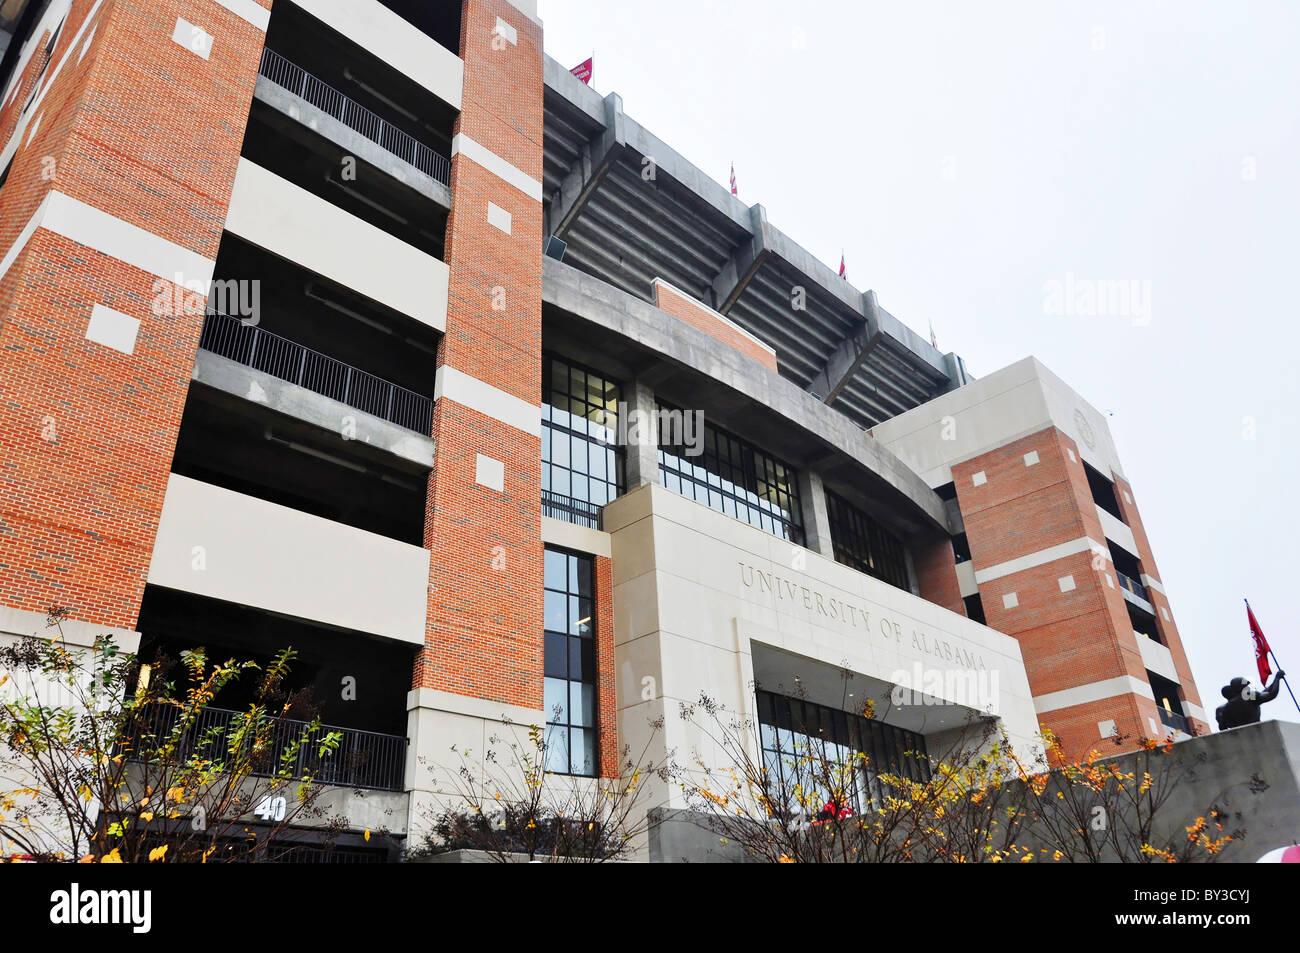 Bryant Denny Stadium at Tuscaloosa, Alabama. - Stock Image